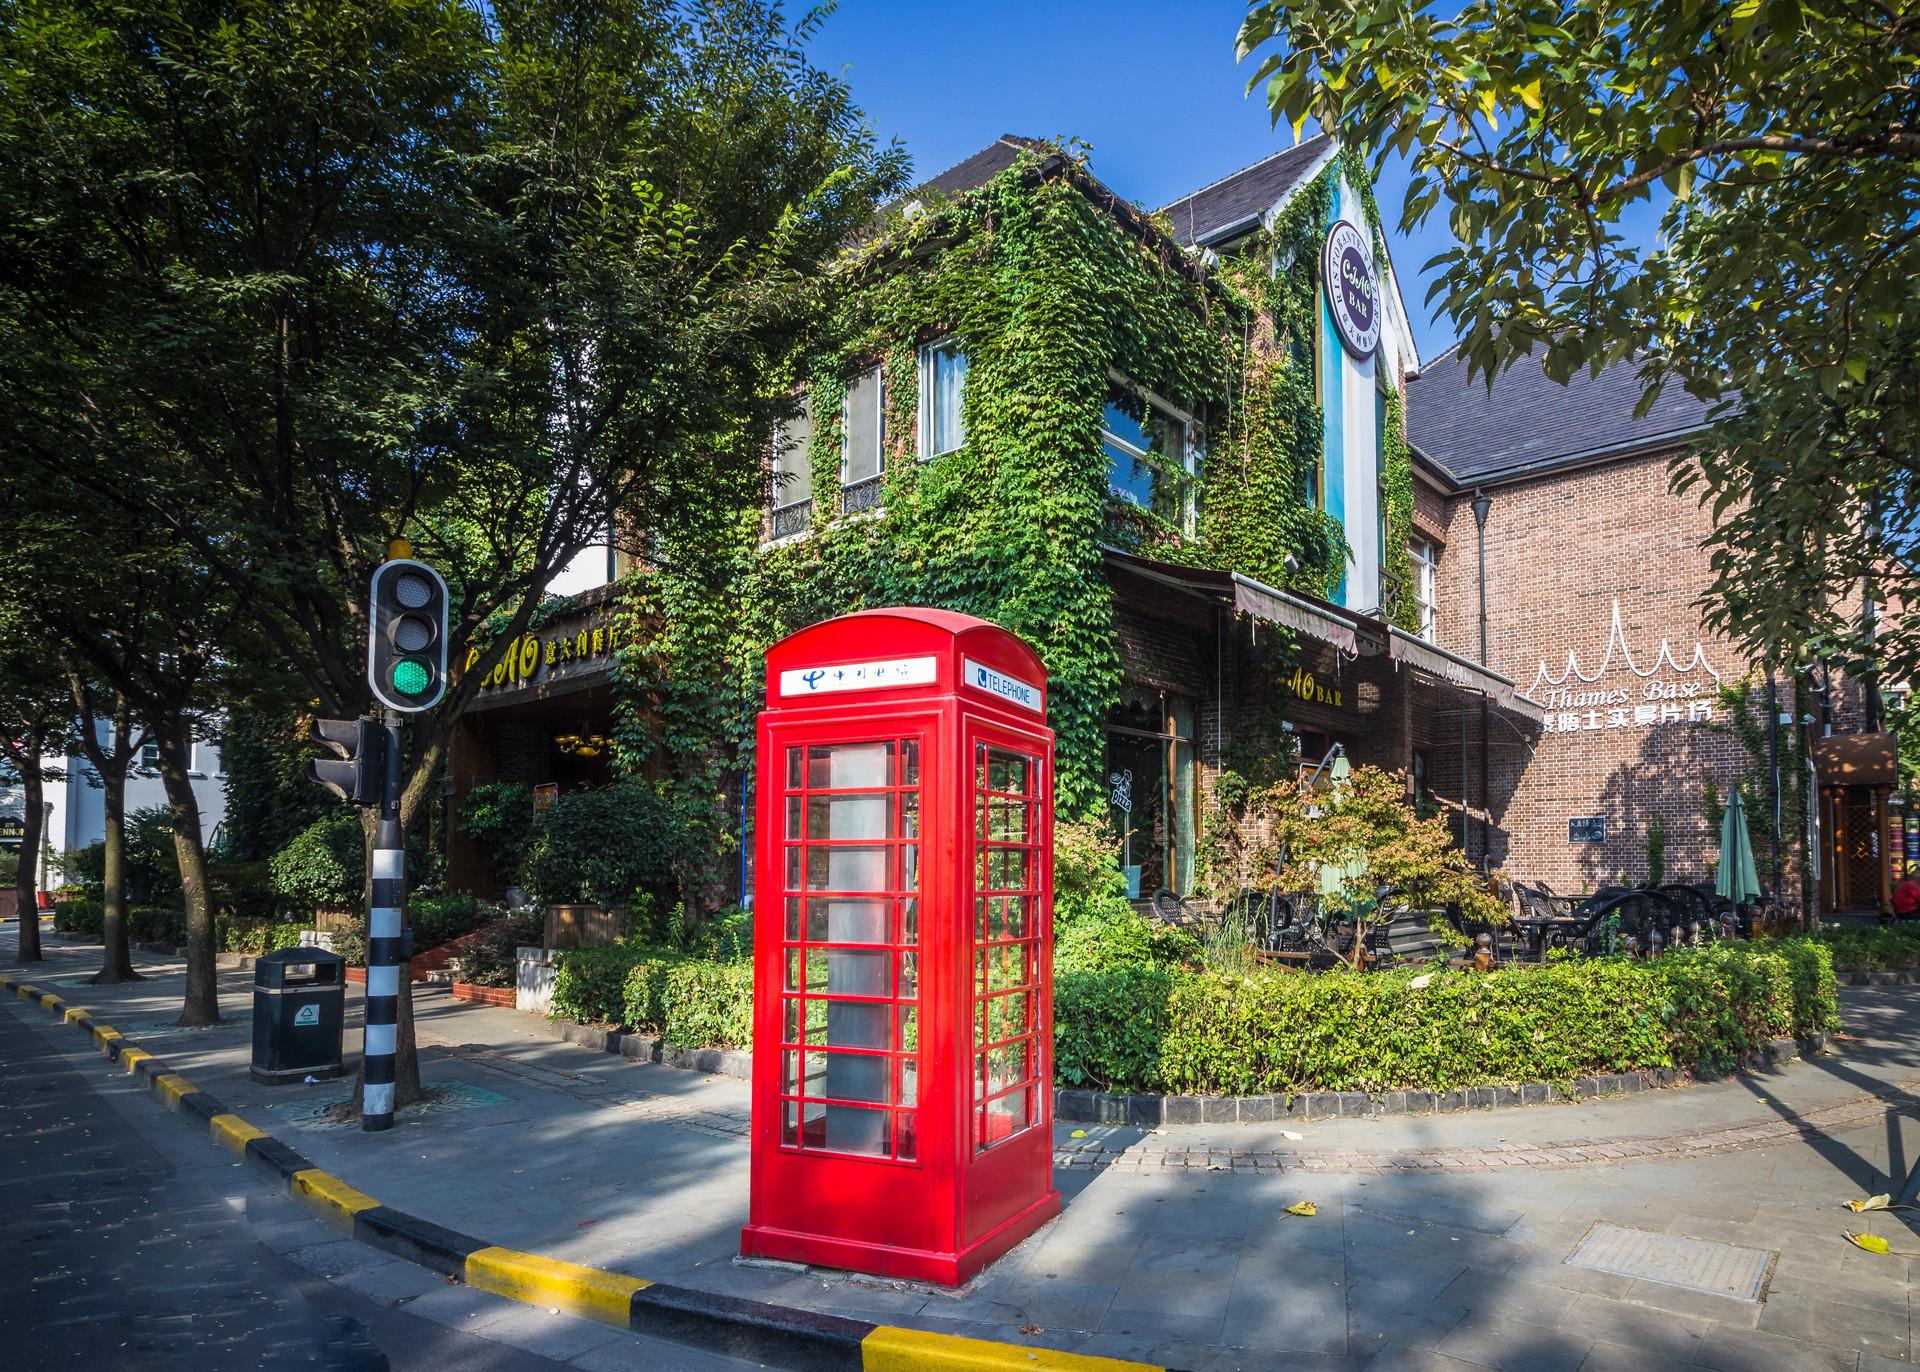 申城生活札记:门头牌匾和电话亭里的上海气质